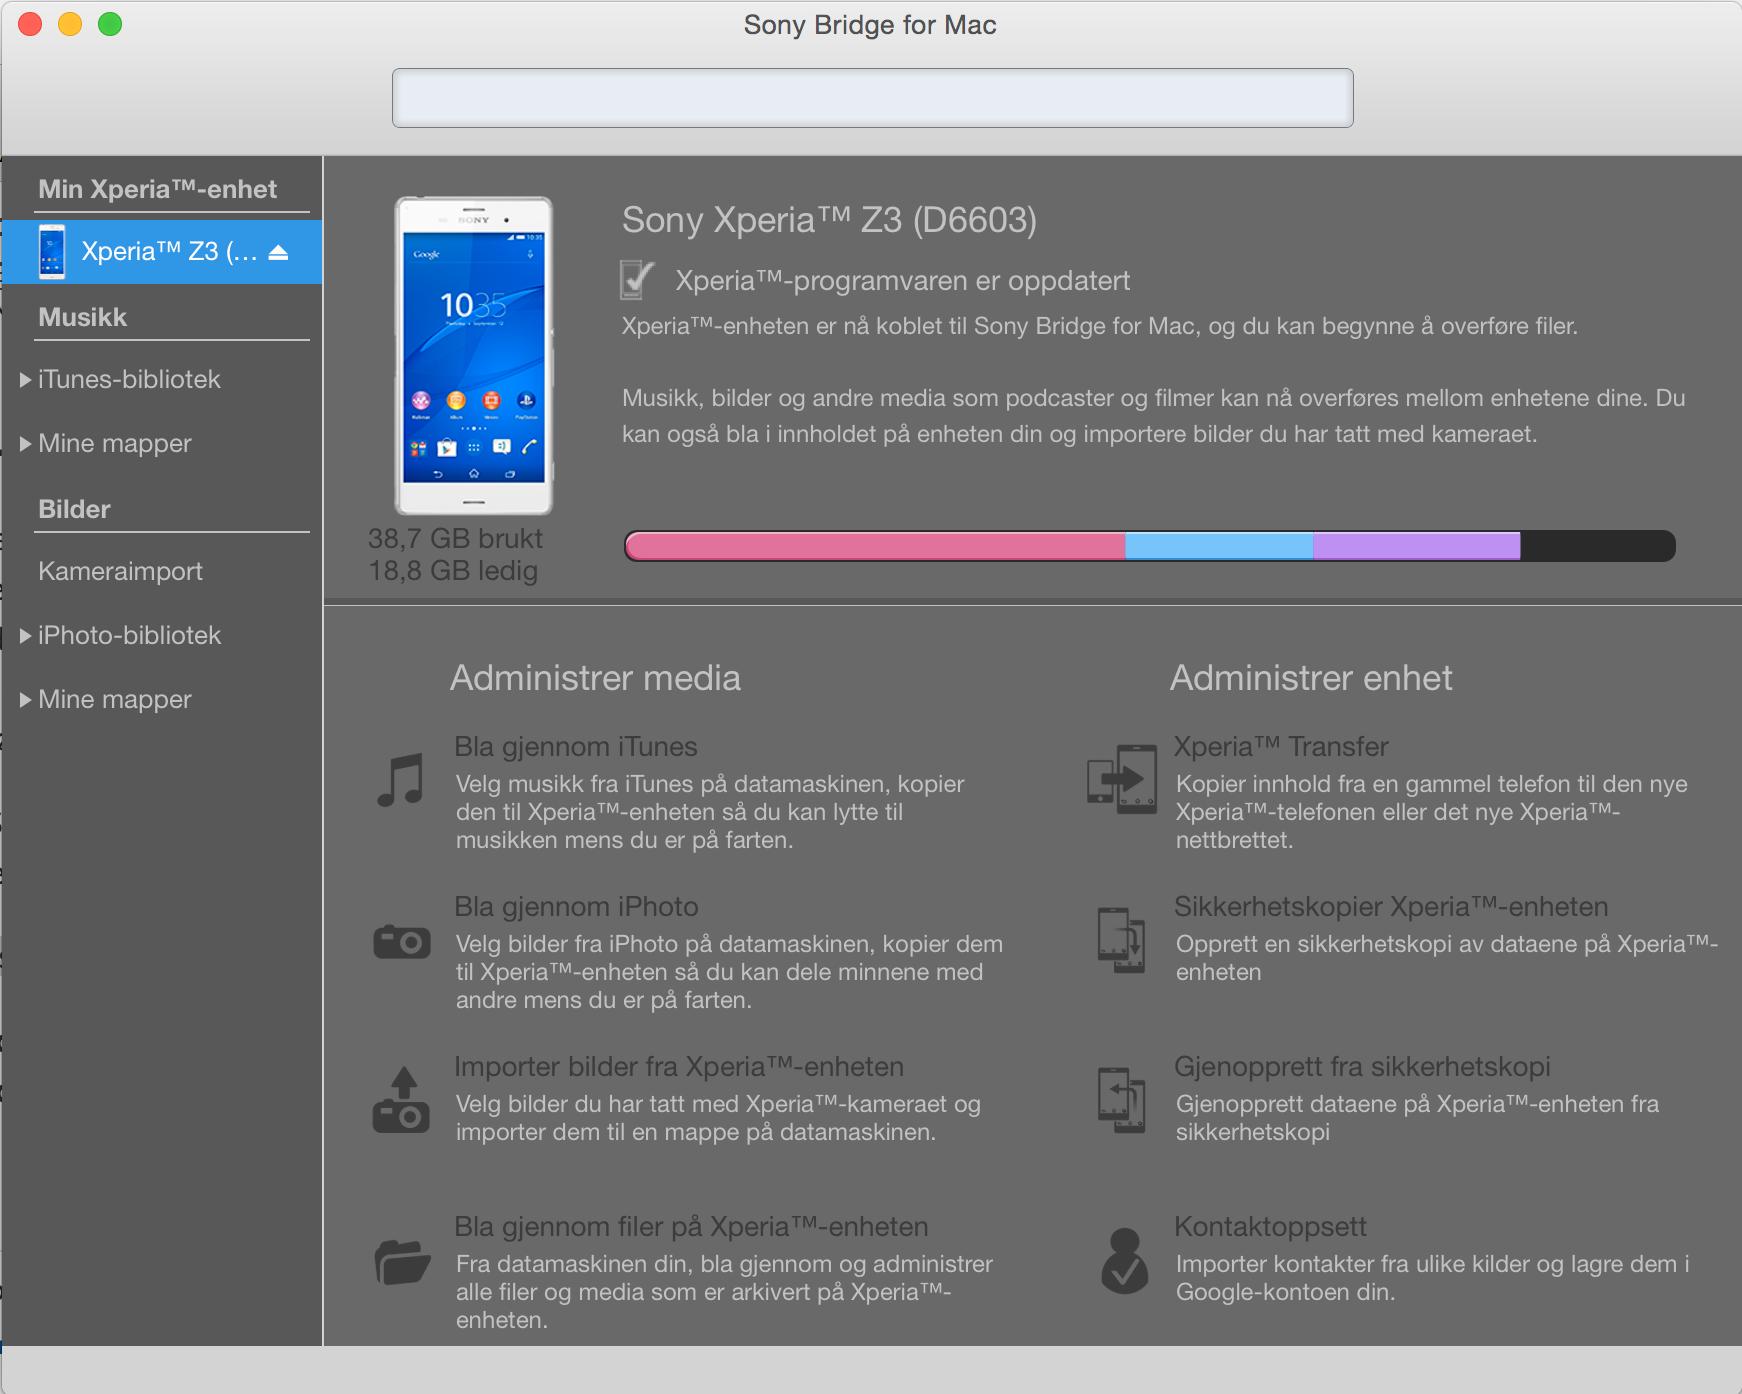 Sony har laget en egen Sony Bridge for Mac, som gjør det enkelt å sikkerhetskopiere data. Foto: Skjermdump fra Sony Bridge for Mac